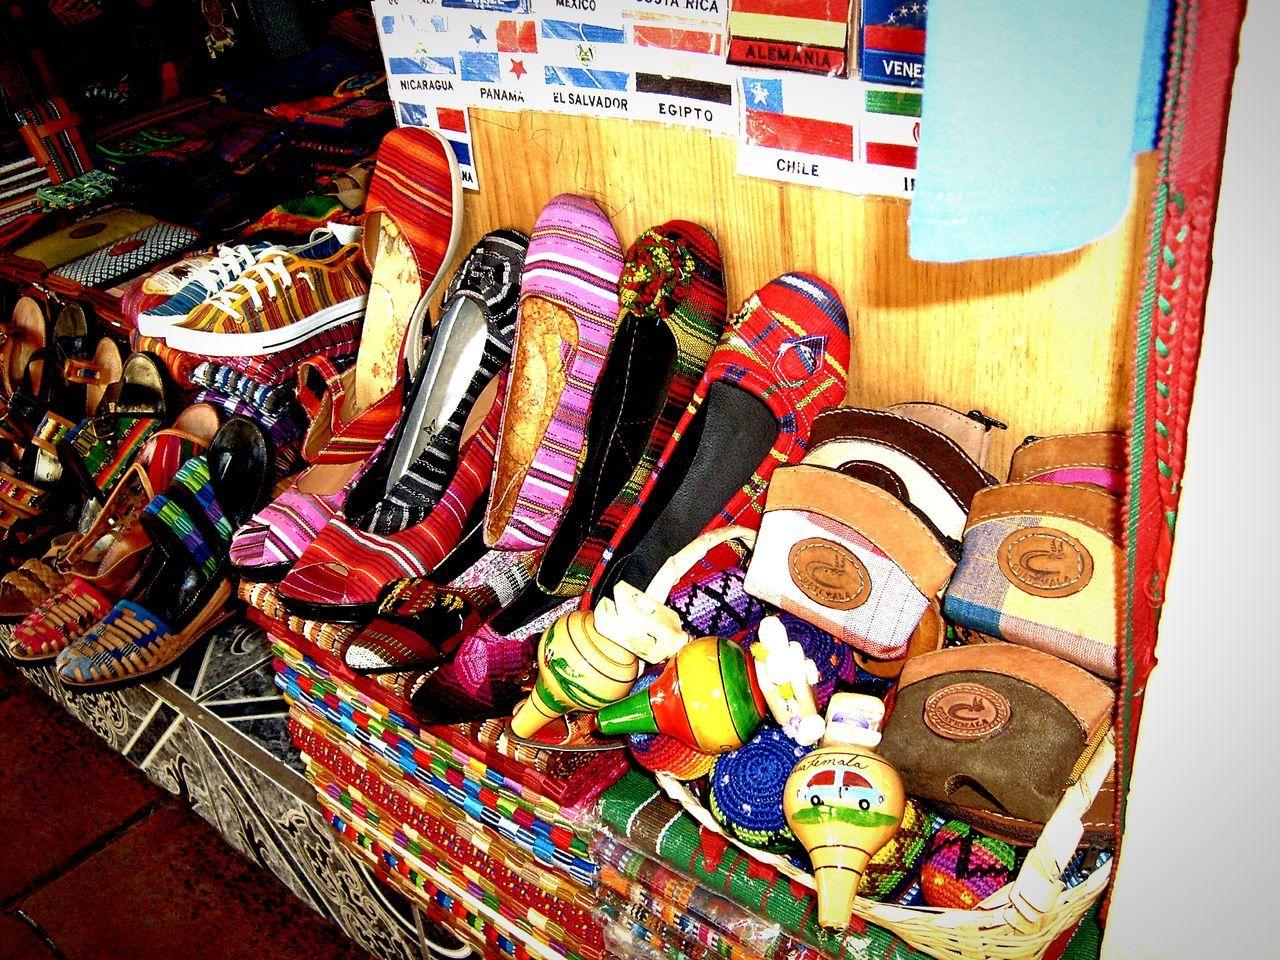 Shoes Antigua Guatemala Exterior Tipicosmomentos Típico Recuerdos Outdoor Photography Artesanias Artesanias Mayas